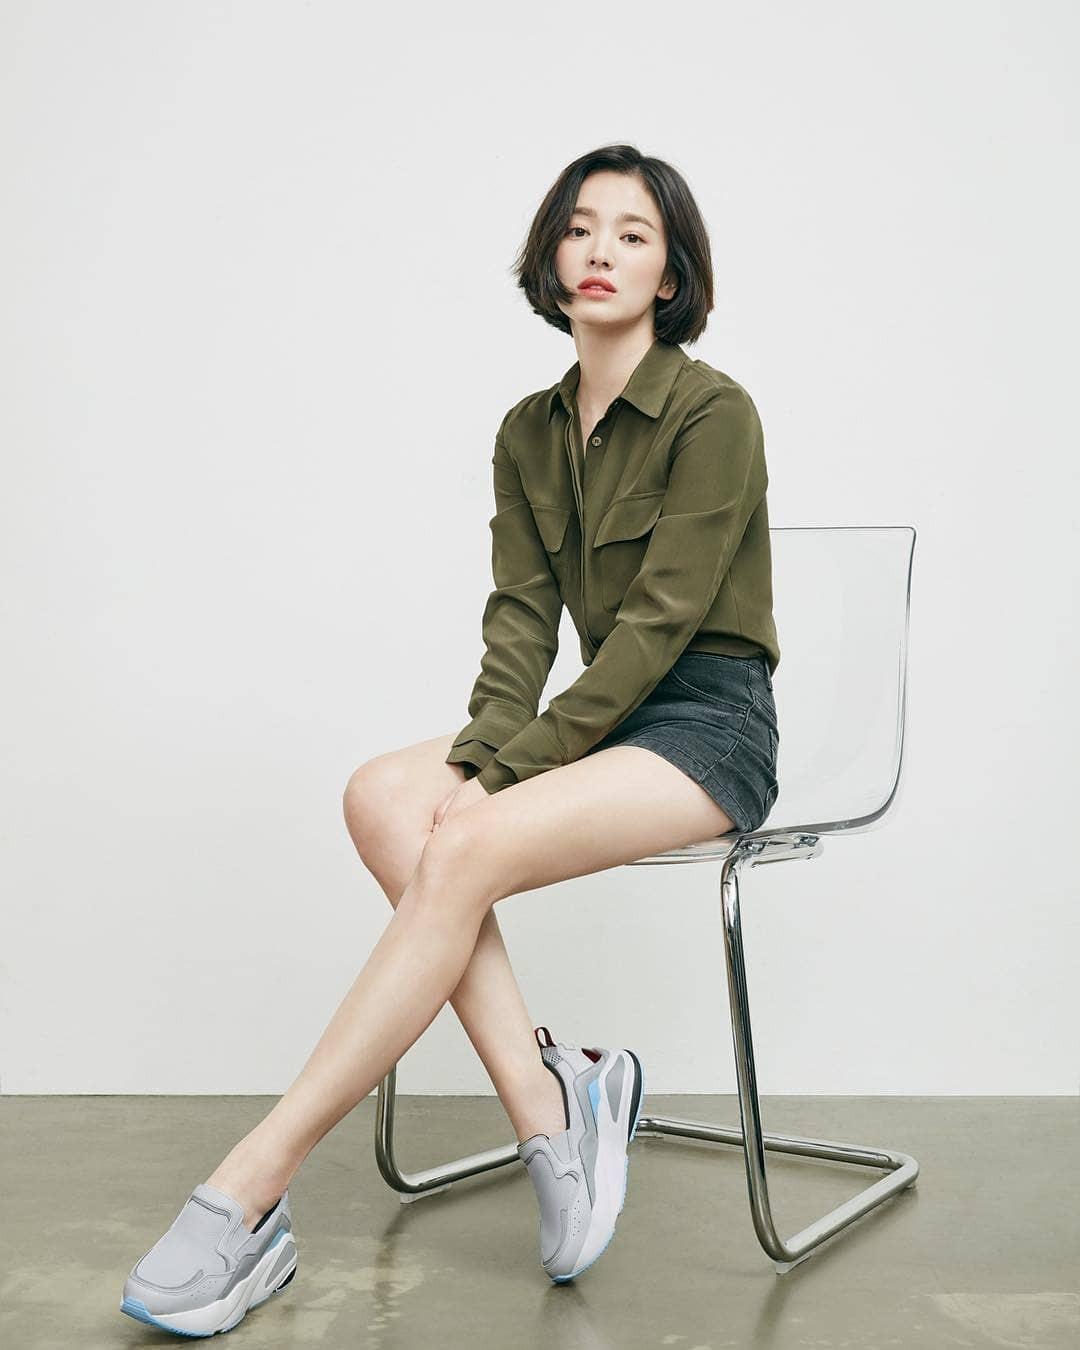 Song Hye Kyo xuất hiện tại sự kiện ở quê nhà, nhan sắc thì miễn chê nhưng đôi chân lại lộ khuyết điểm đáng buồn